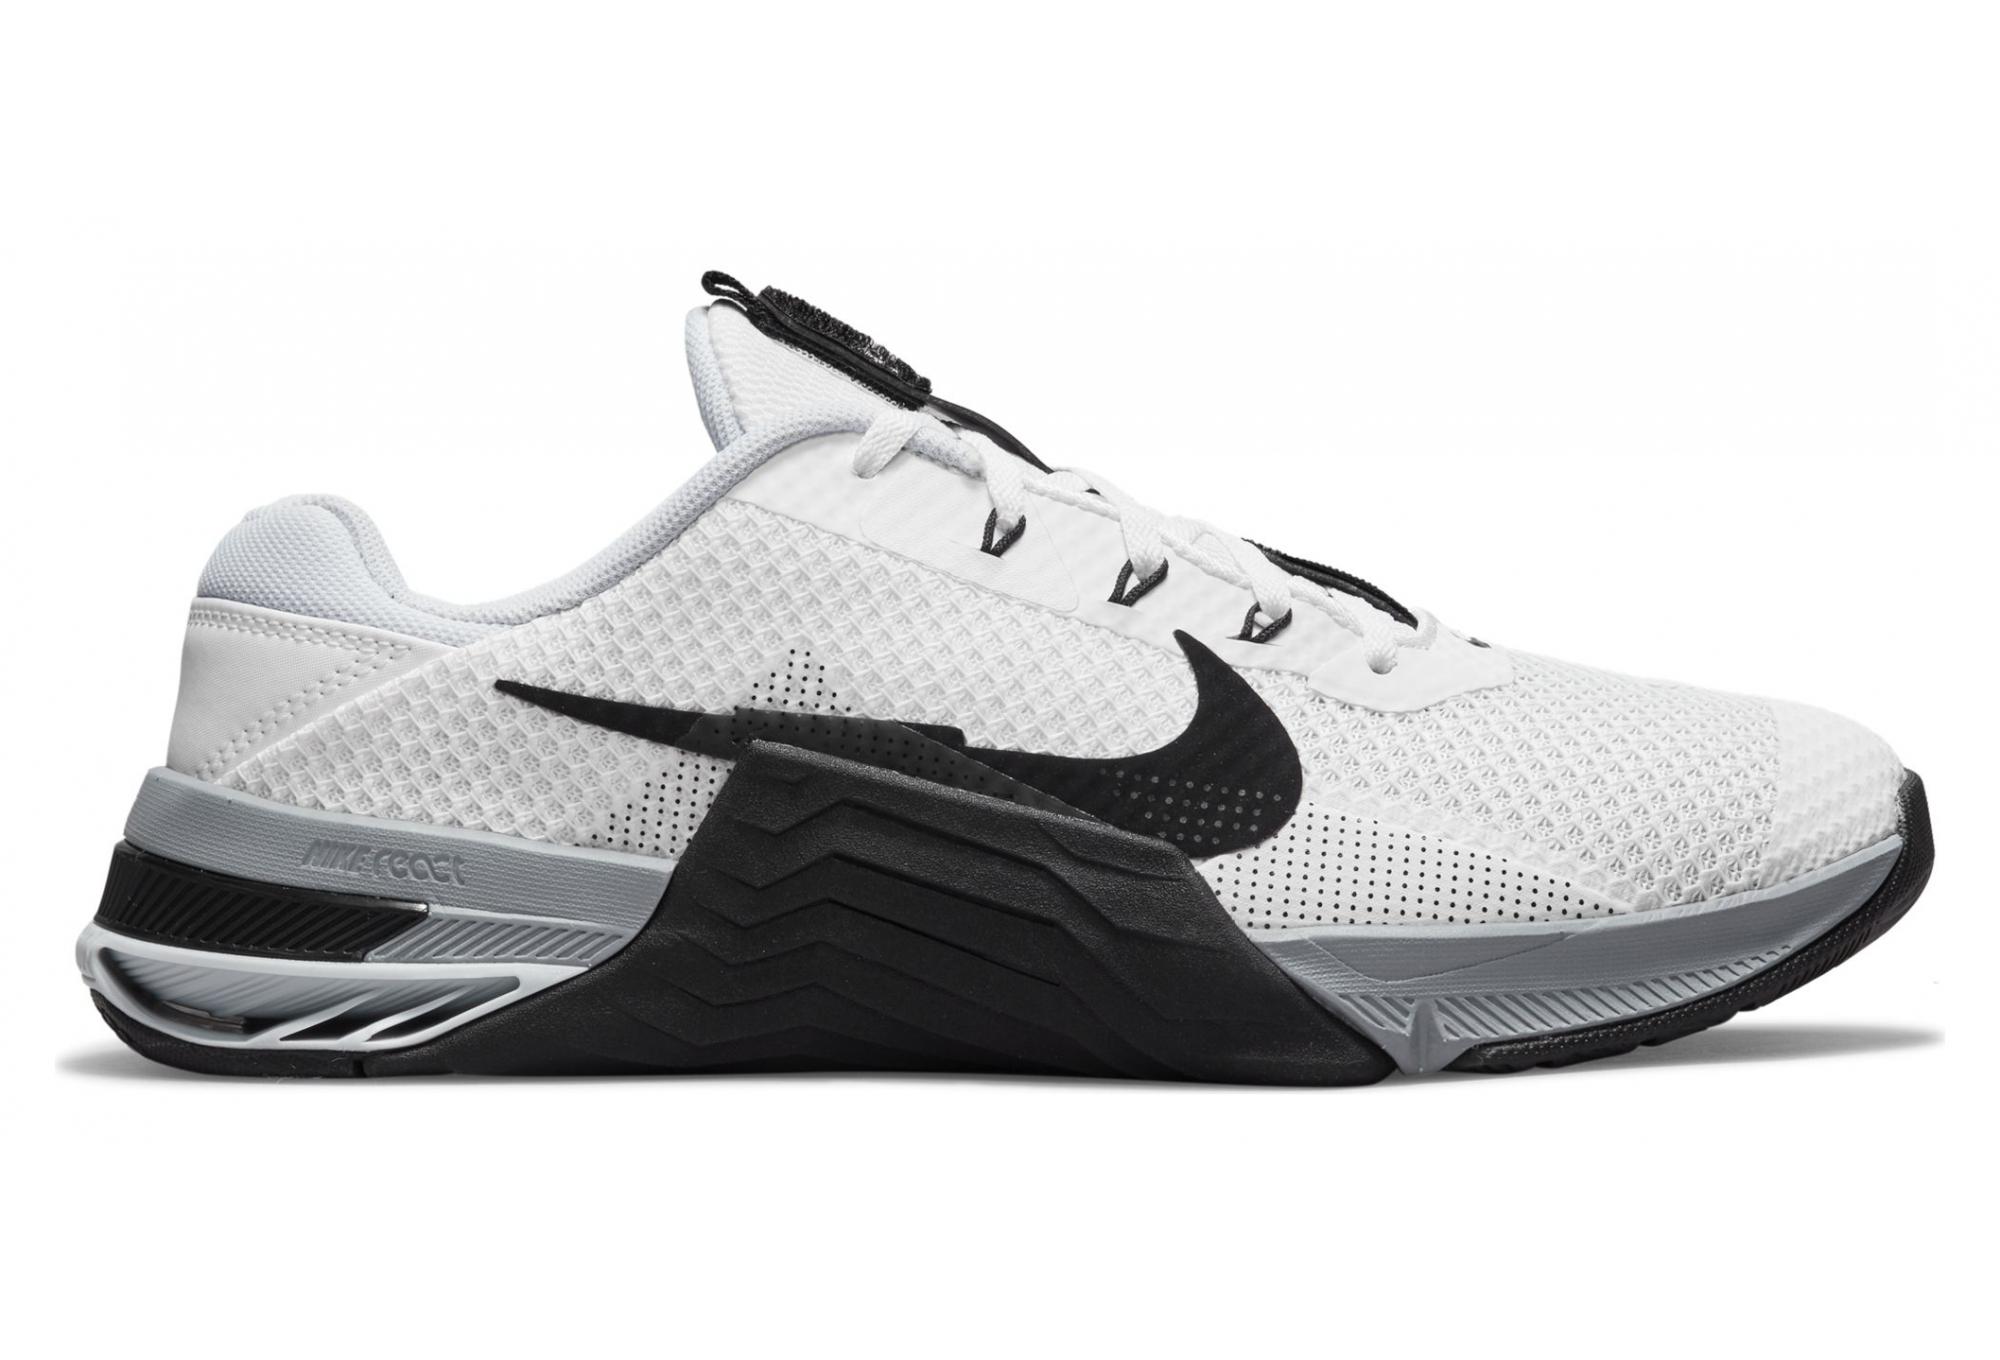 Nike Metcon 7 Running Shoes White Black